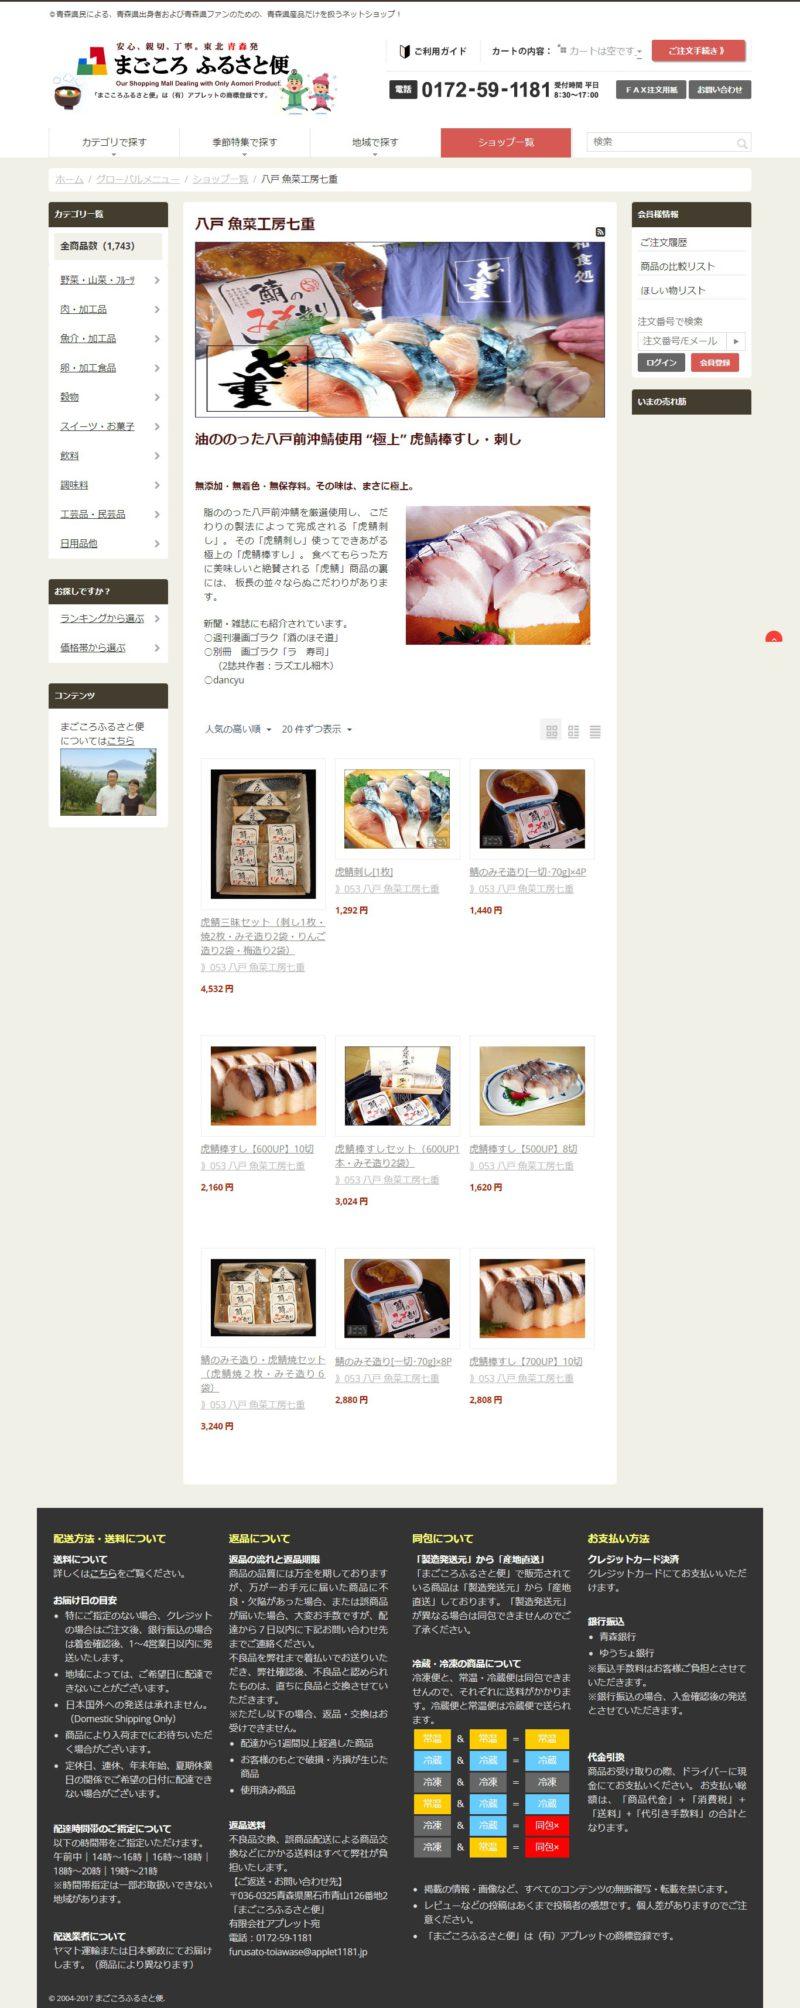 八戸ニューシティホテル「魚菜工房 七重」